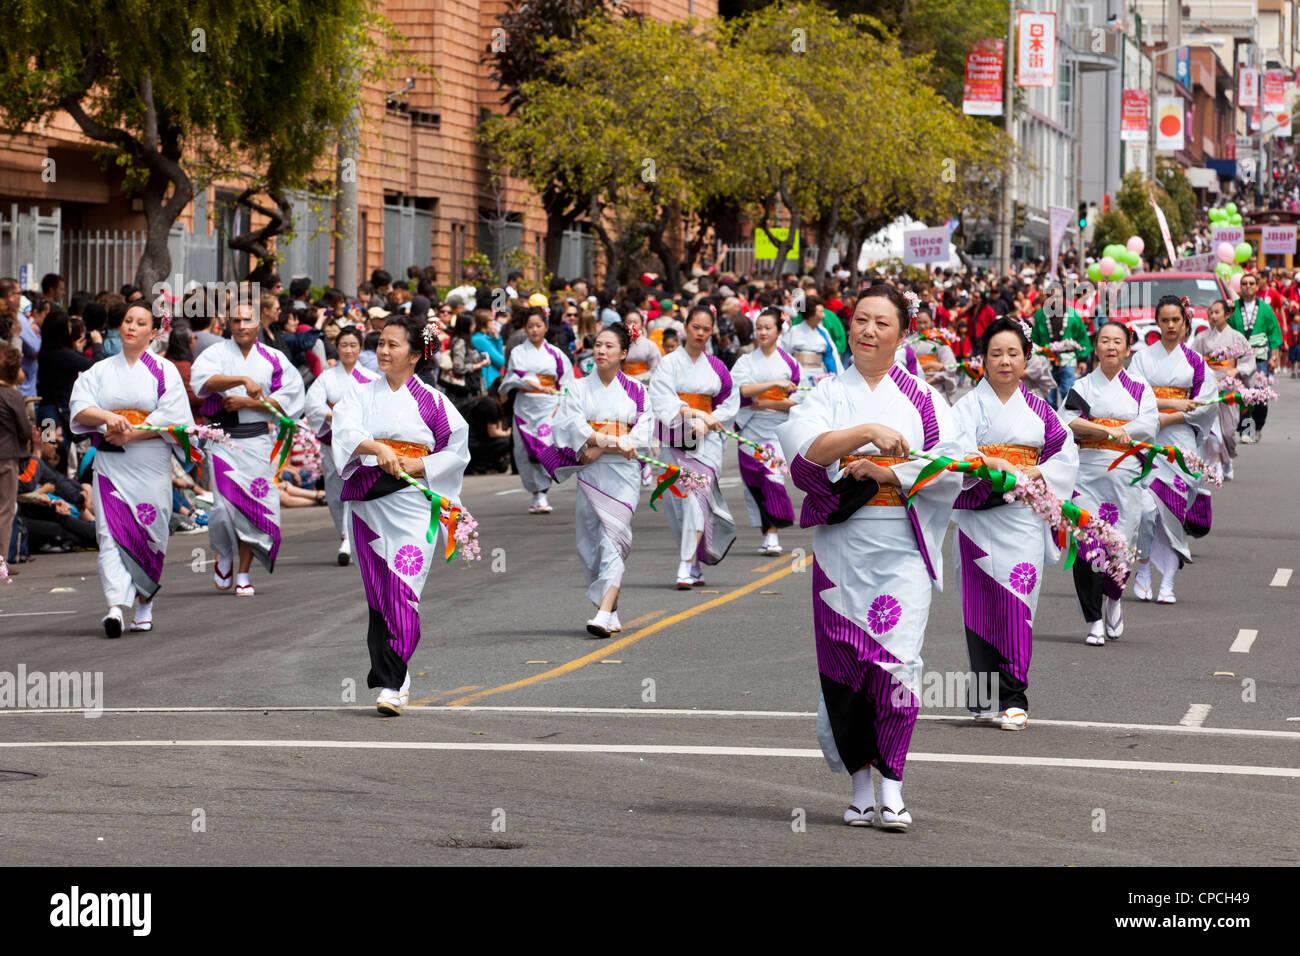 Les femmes qui exécutent la danse traditionnelle japonaise dans un défilé Photo Stock